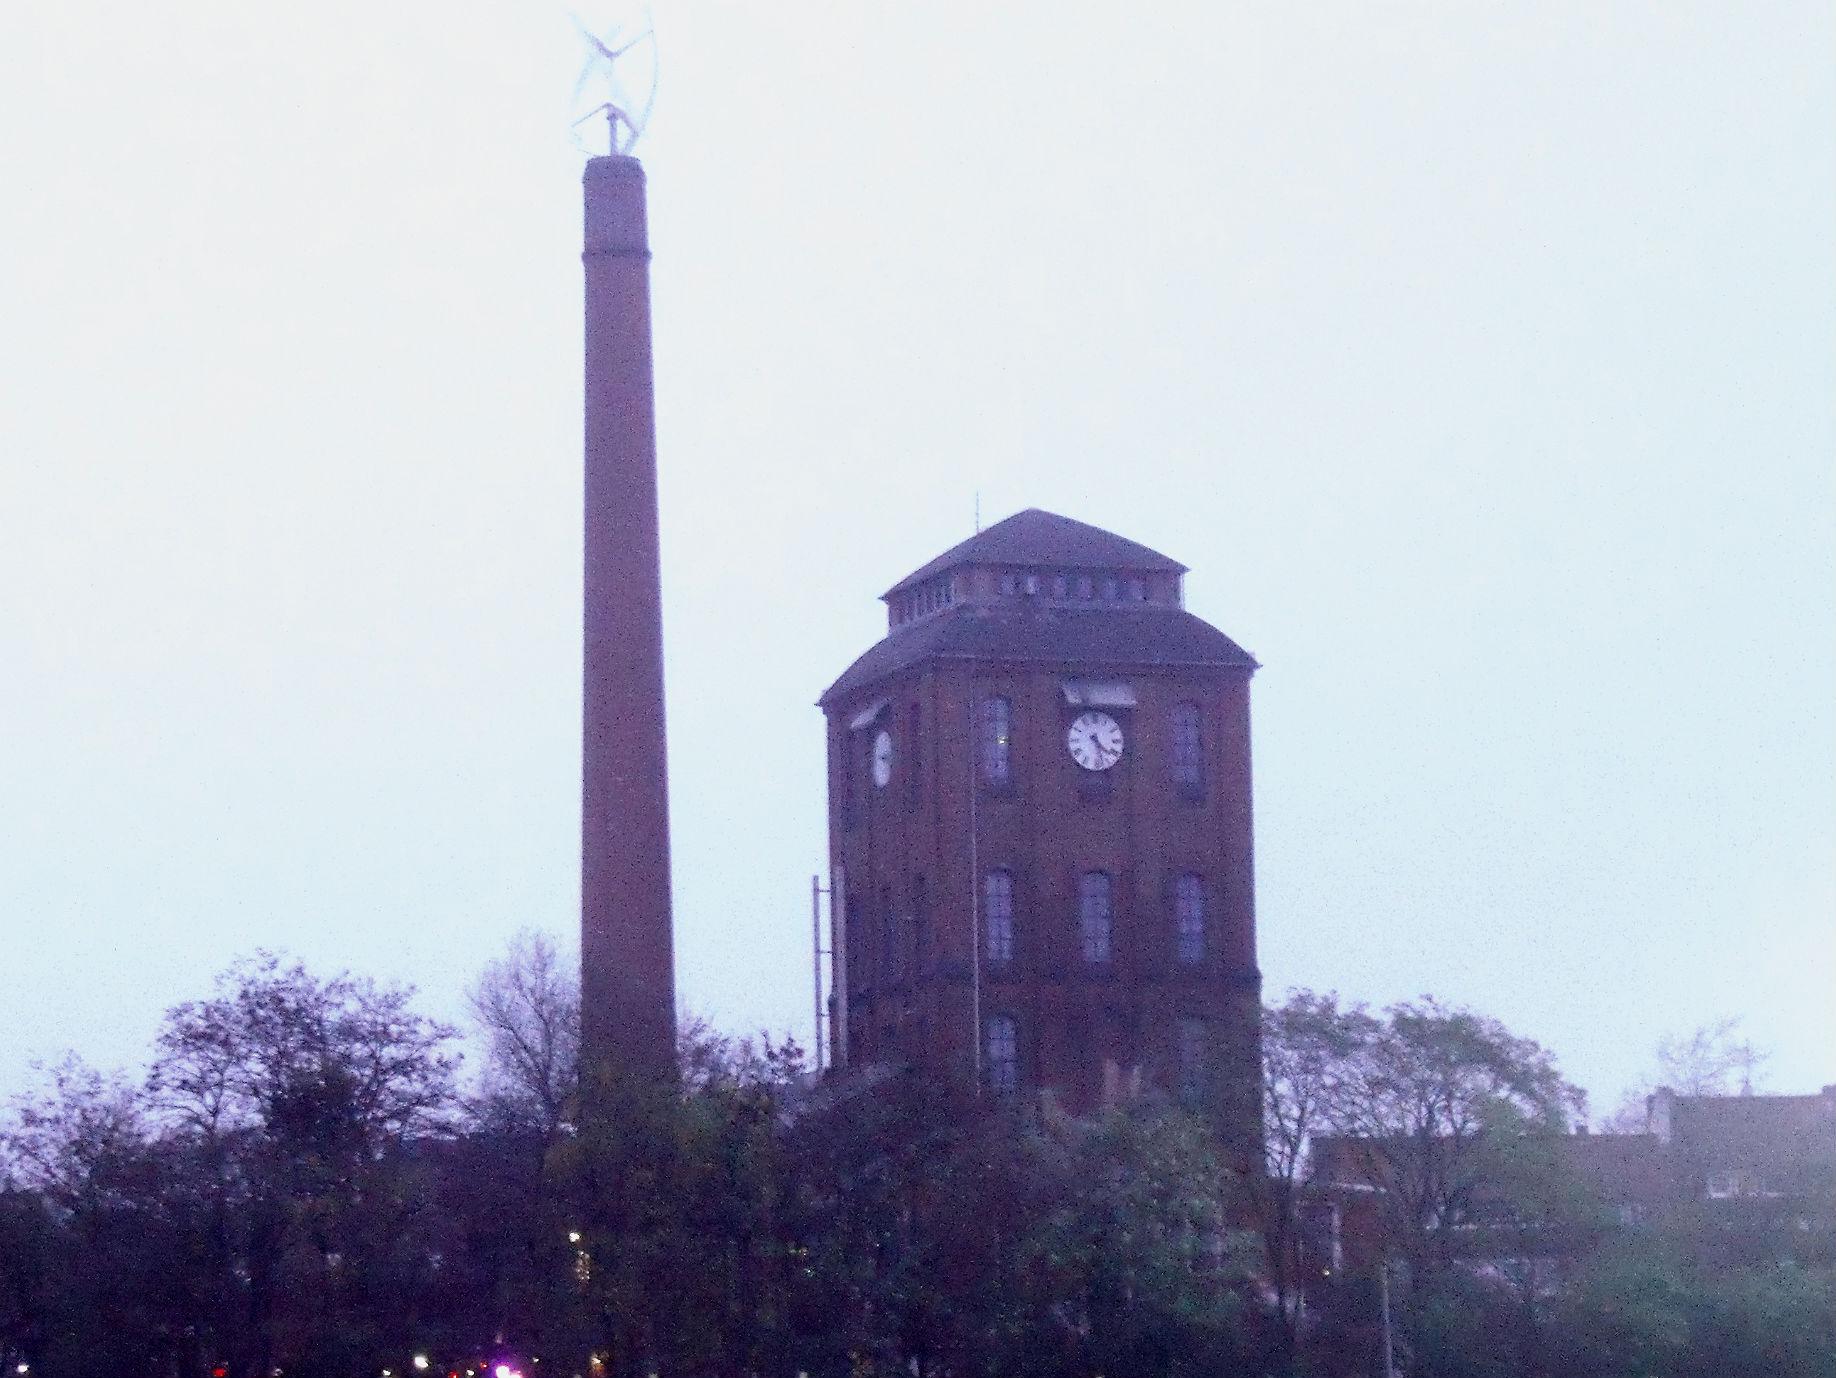 Schlachthof, Gebäude mit Turm